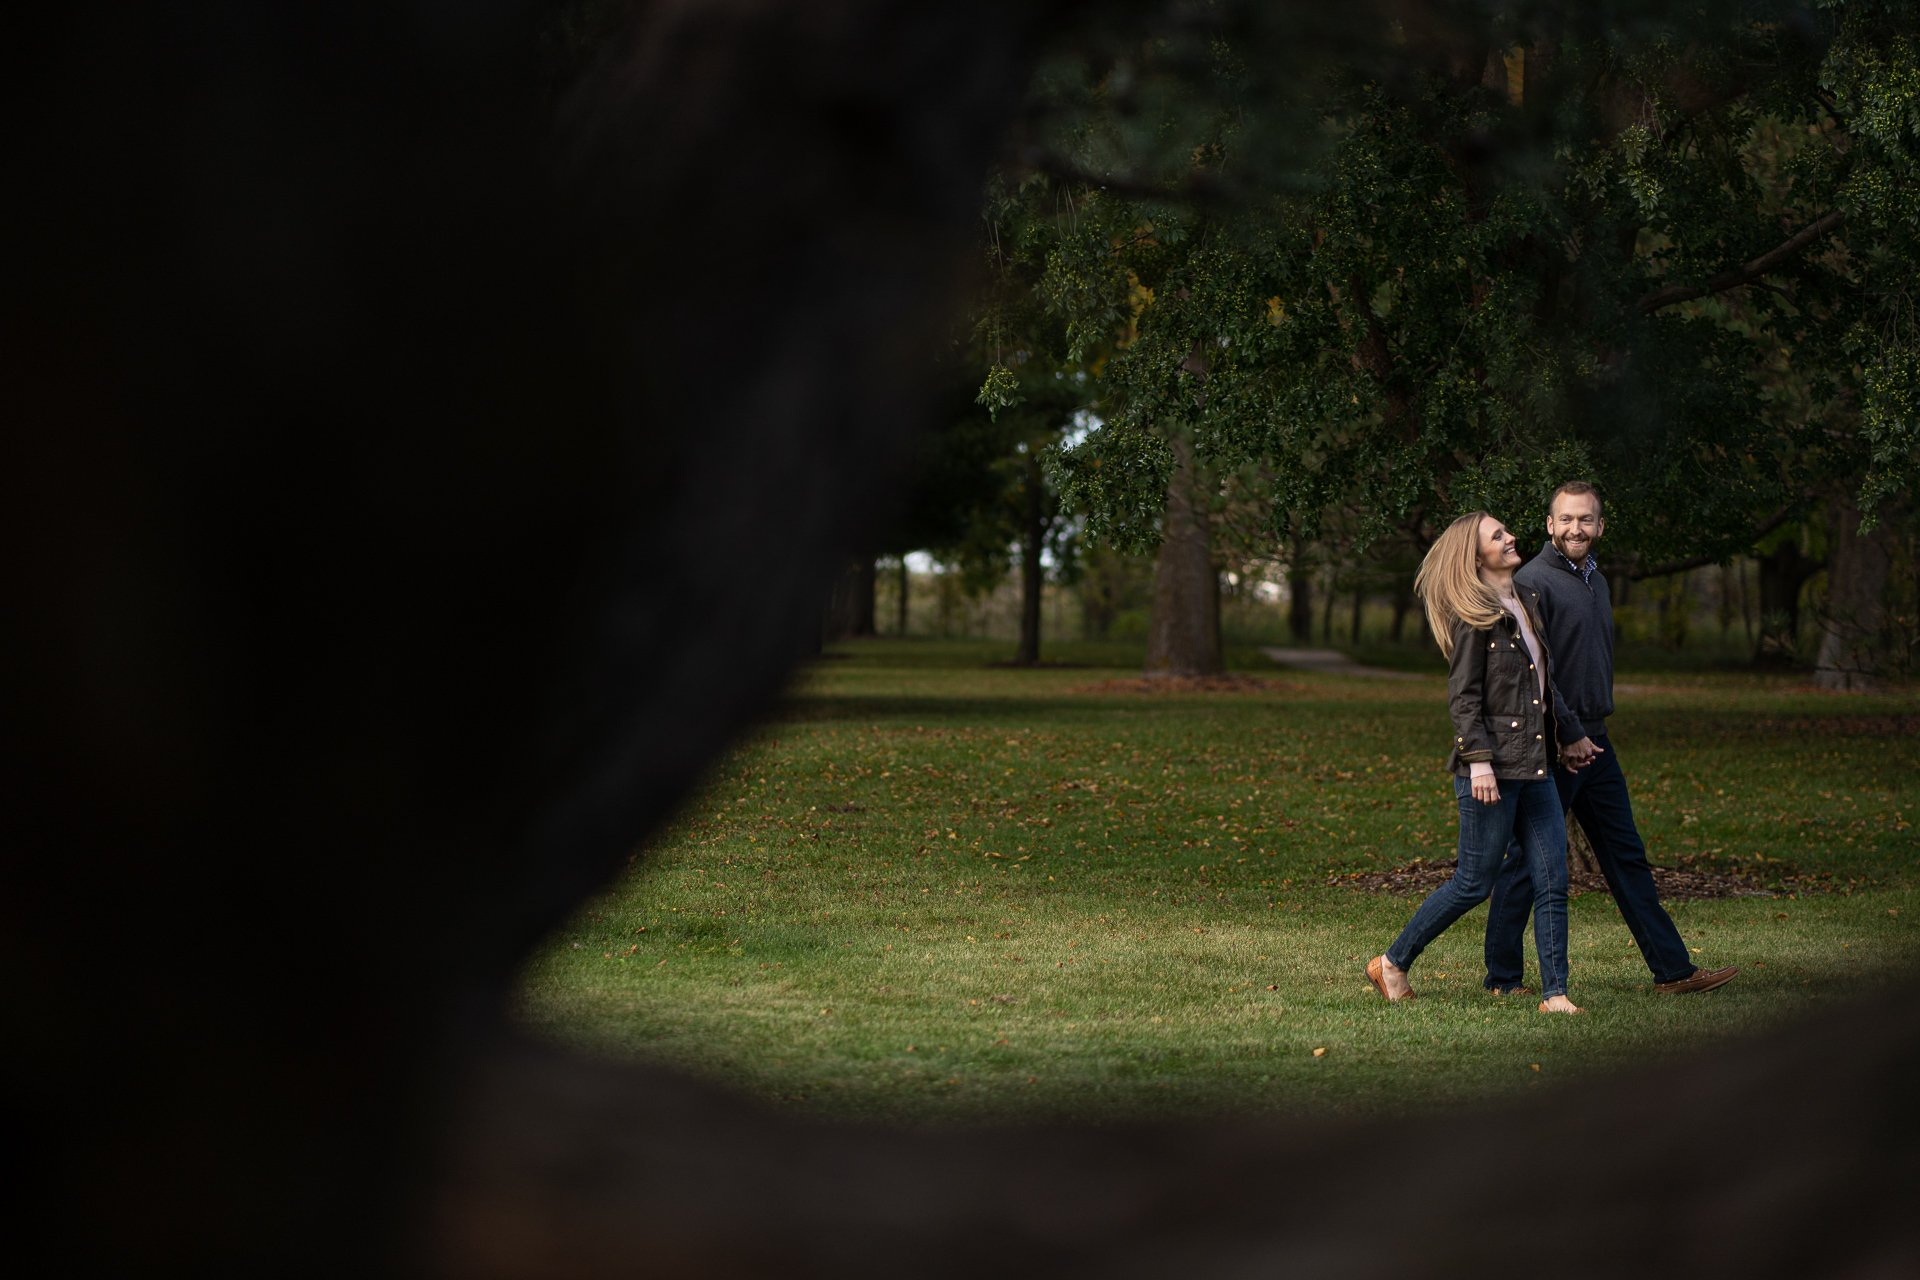 sheboygan wi couple walking